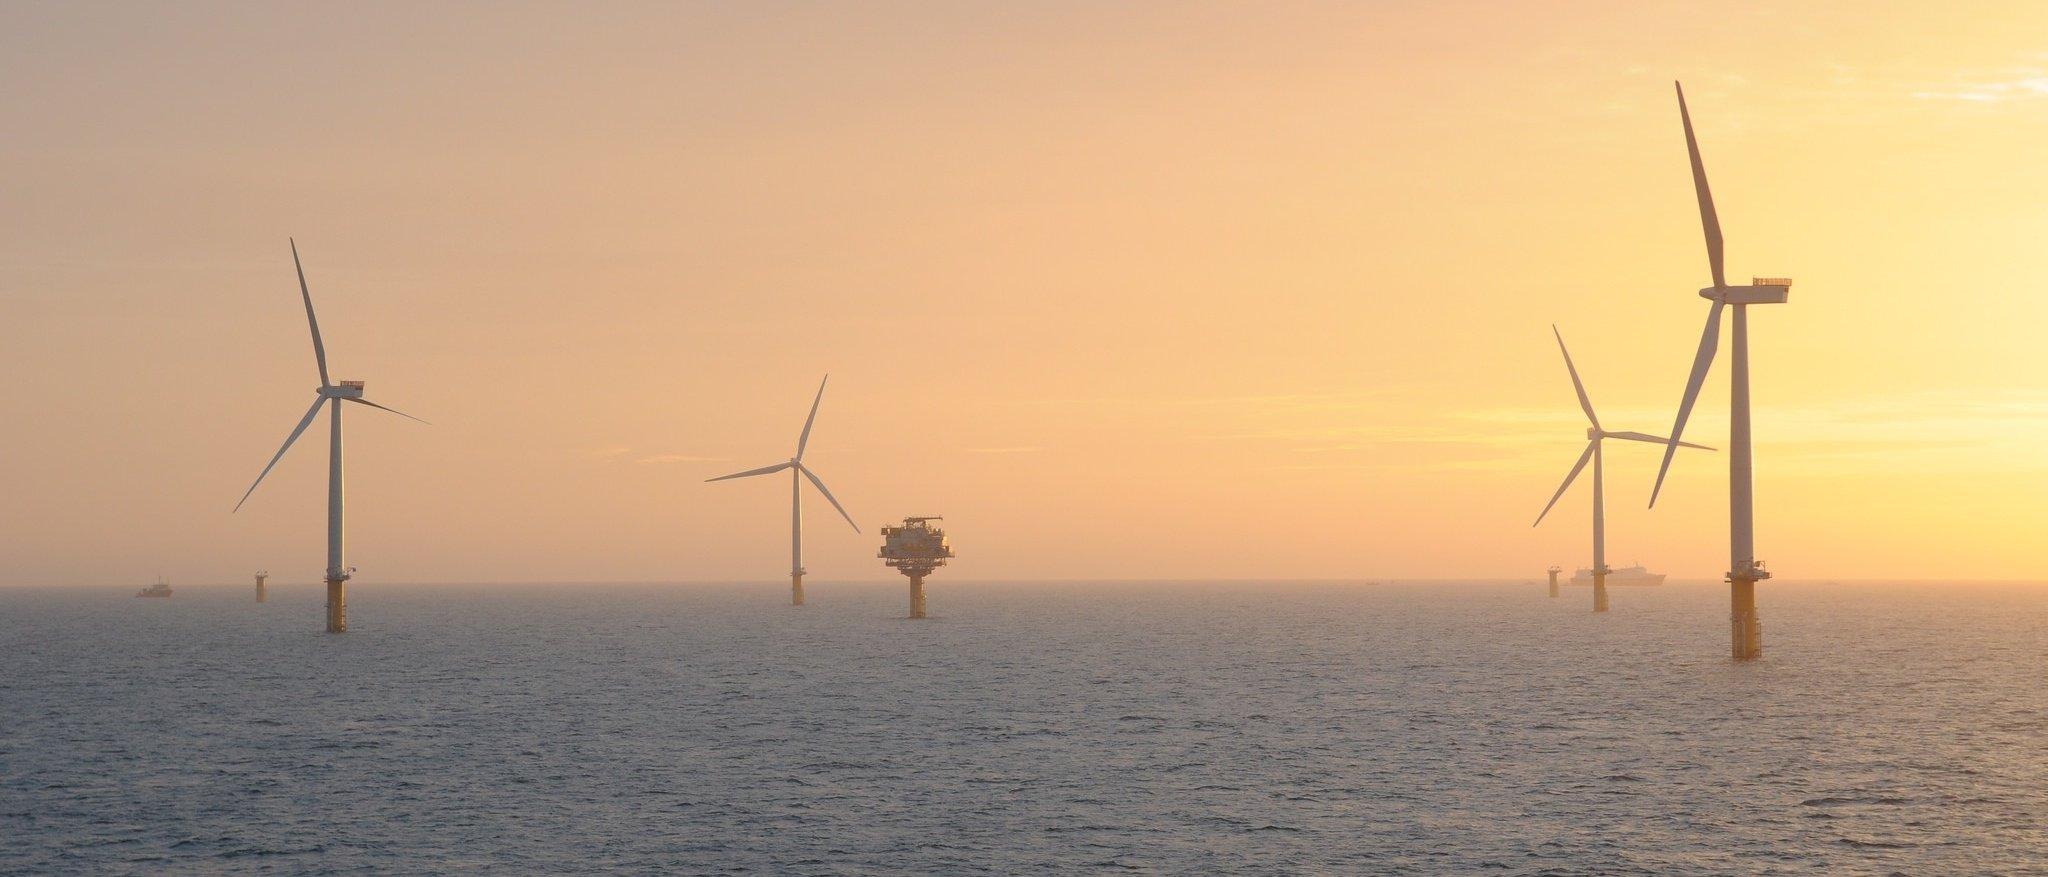 sheringham-shoal-flickr-starkraft-offshore-wind-edit.jpg